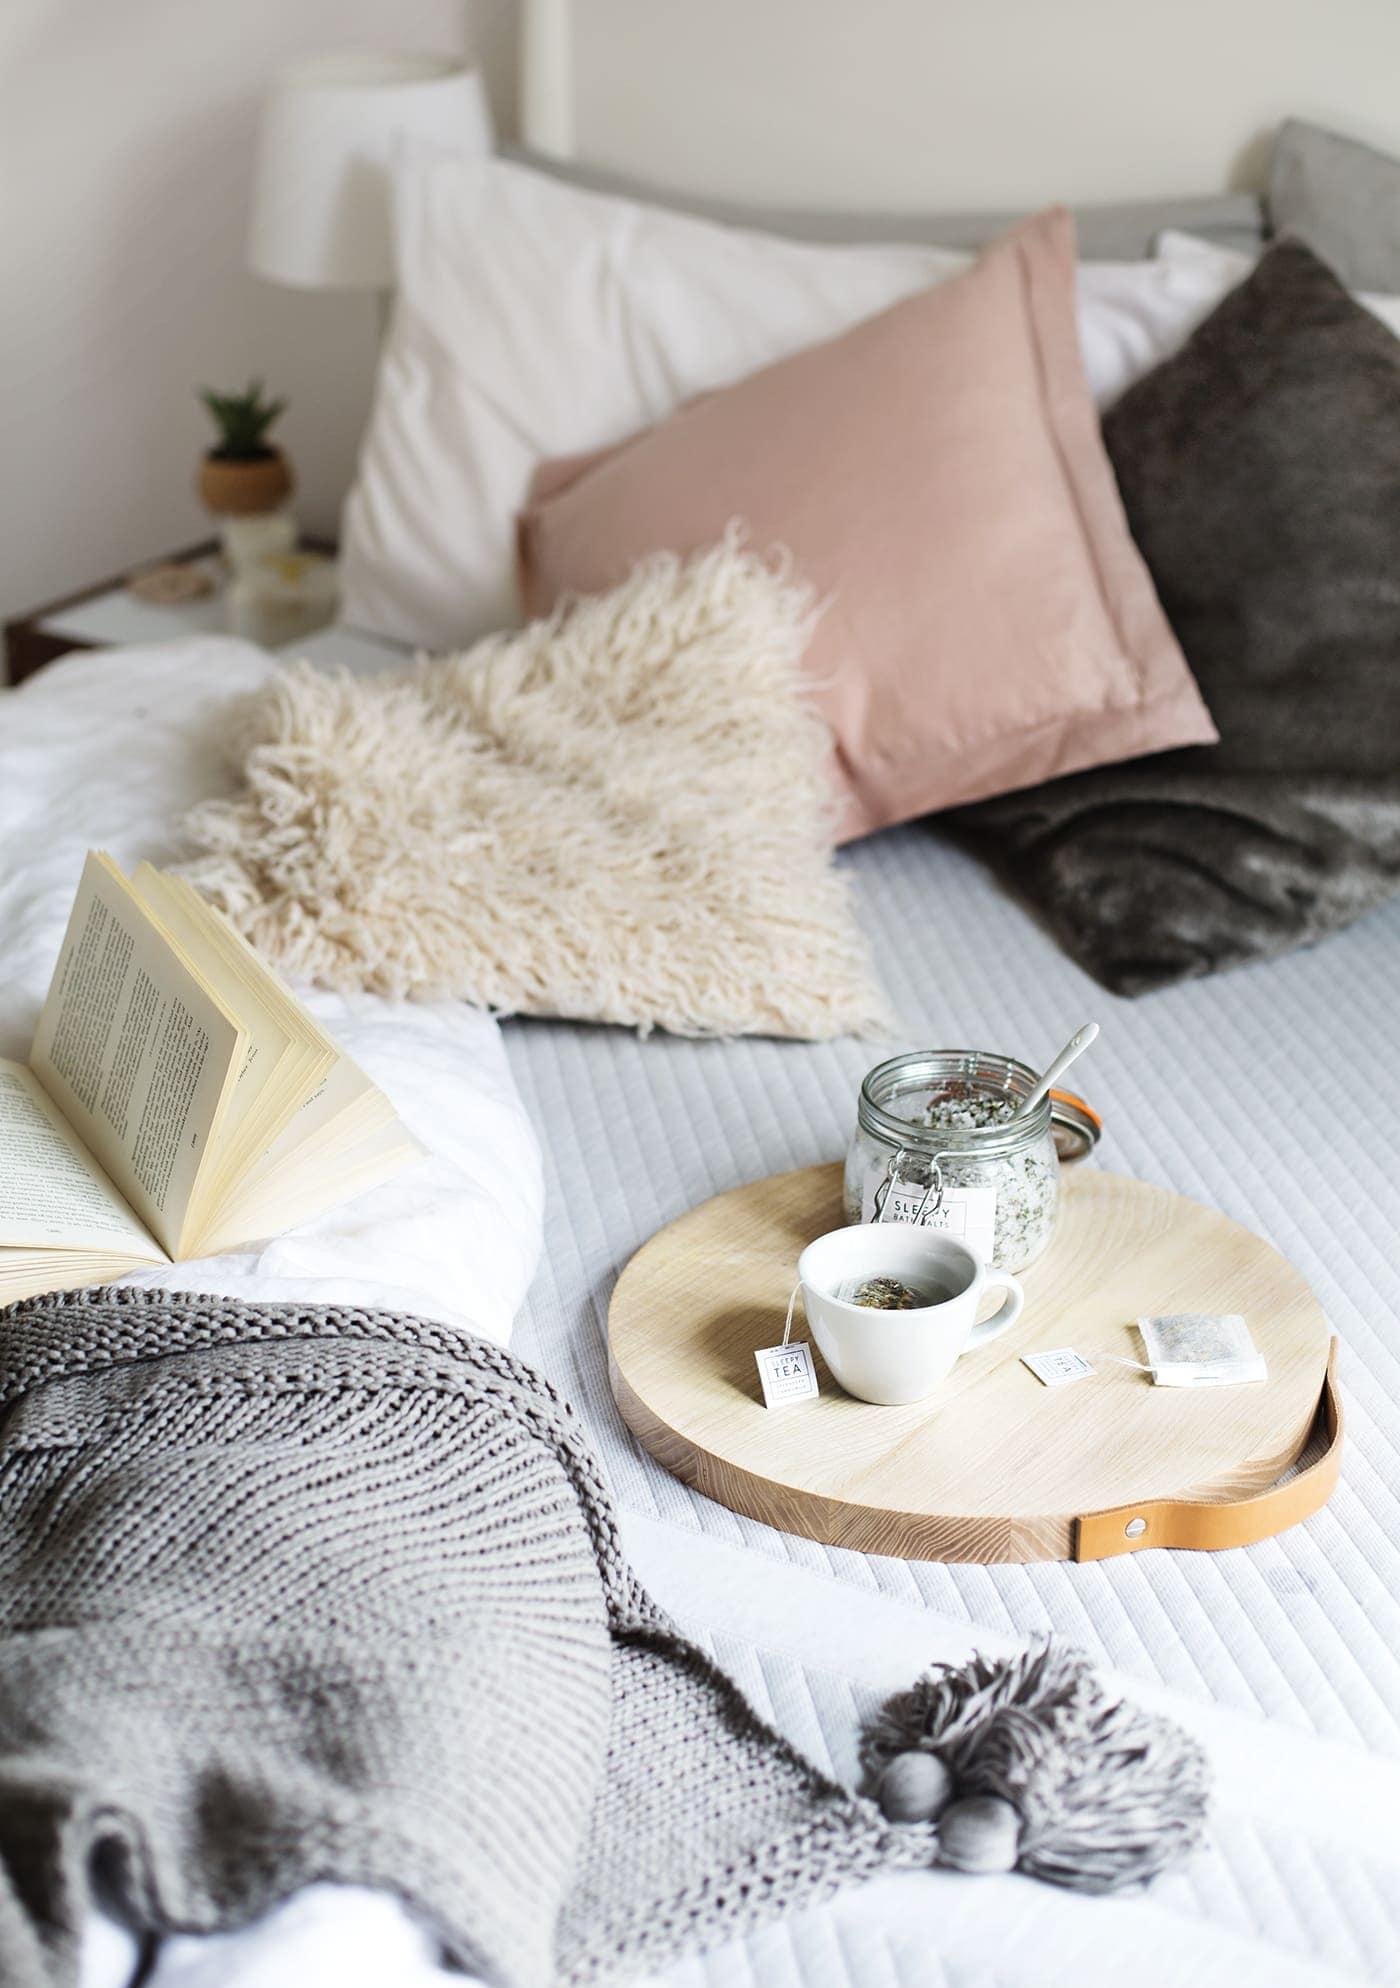 Leesa mattress and tips for better sleep